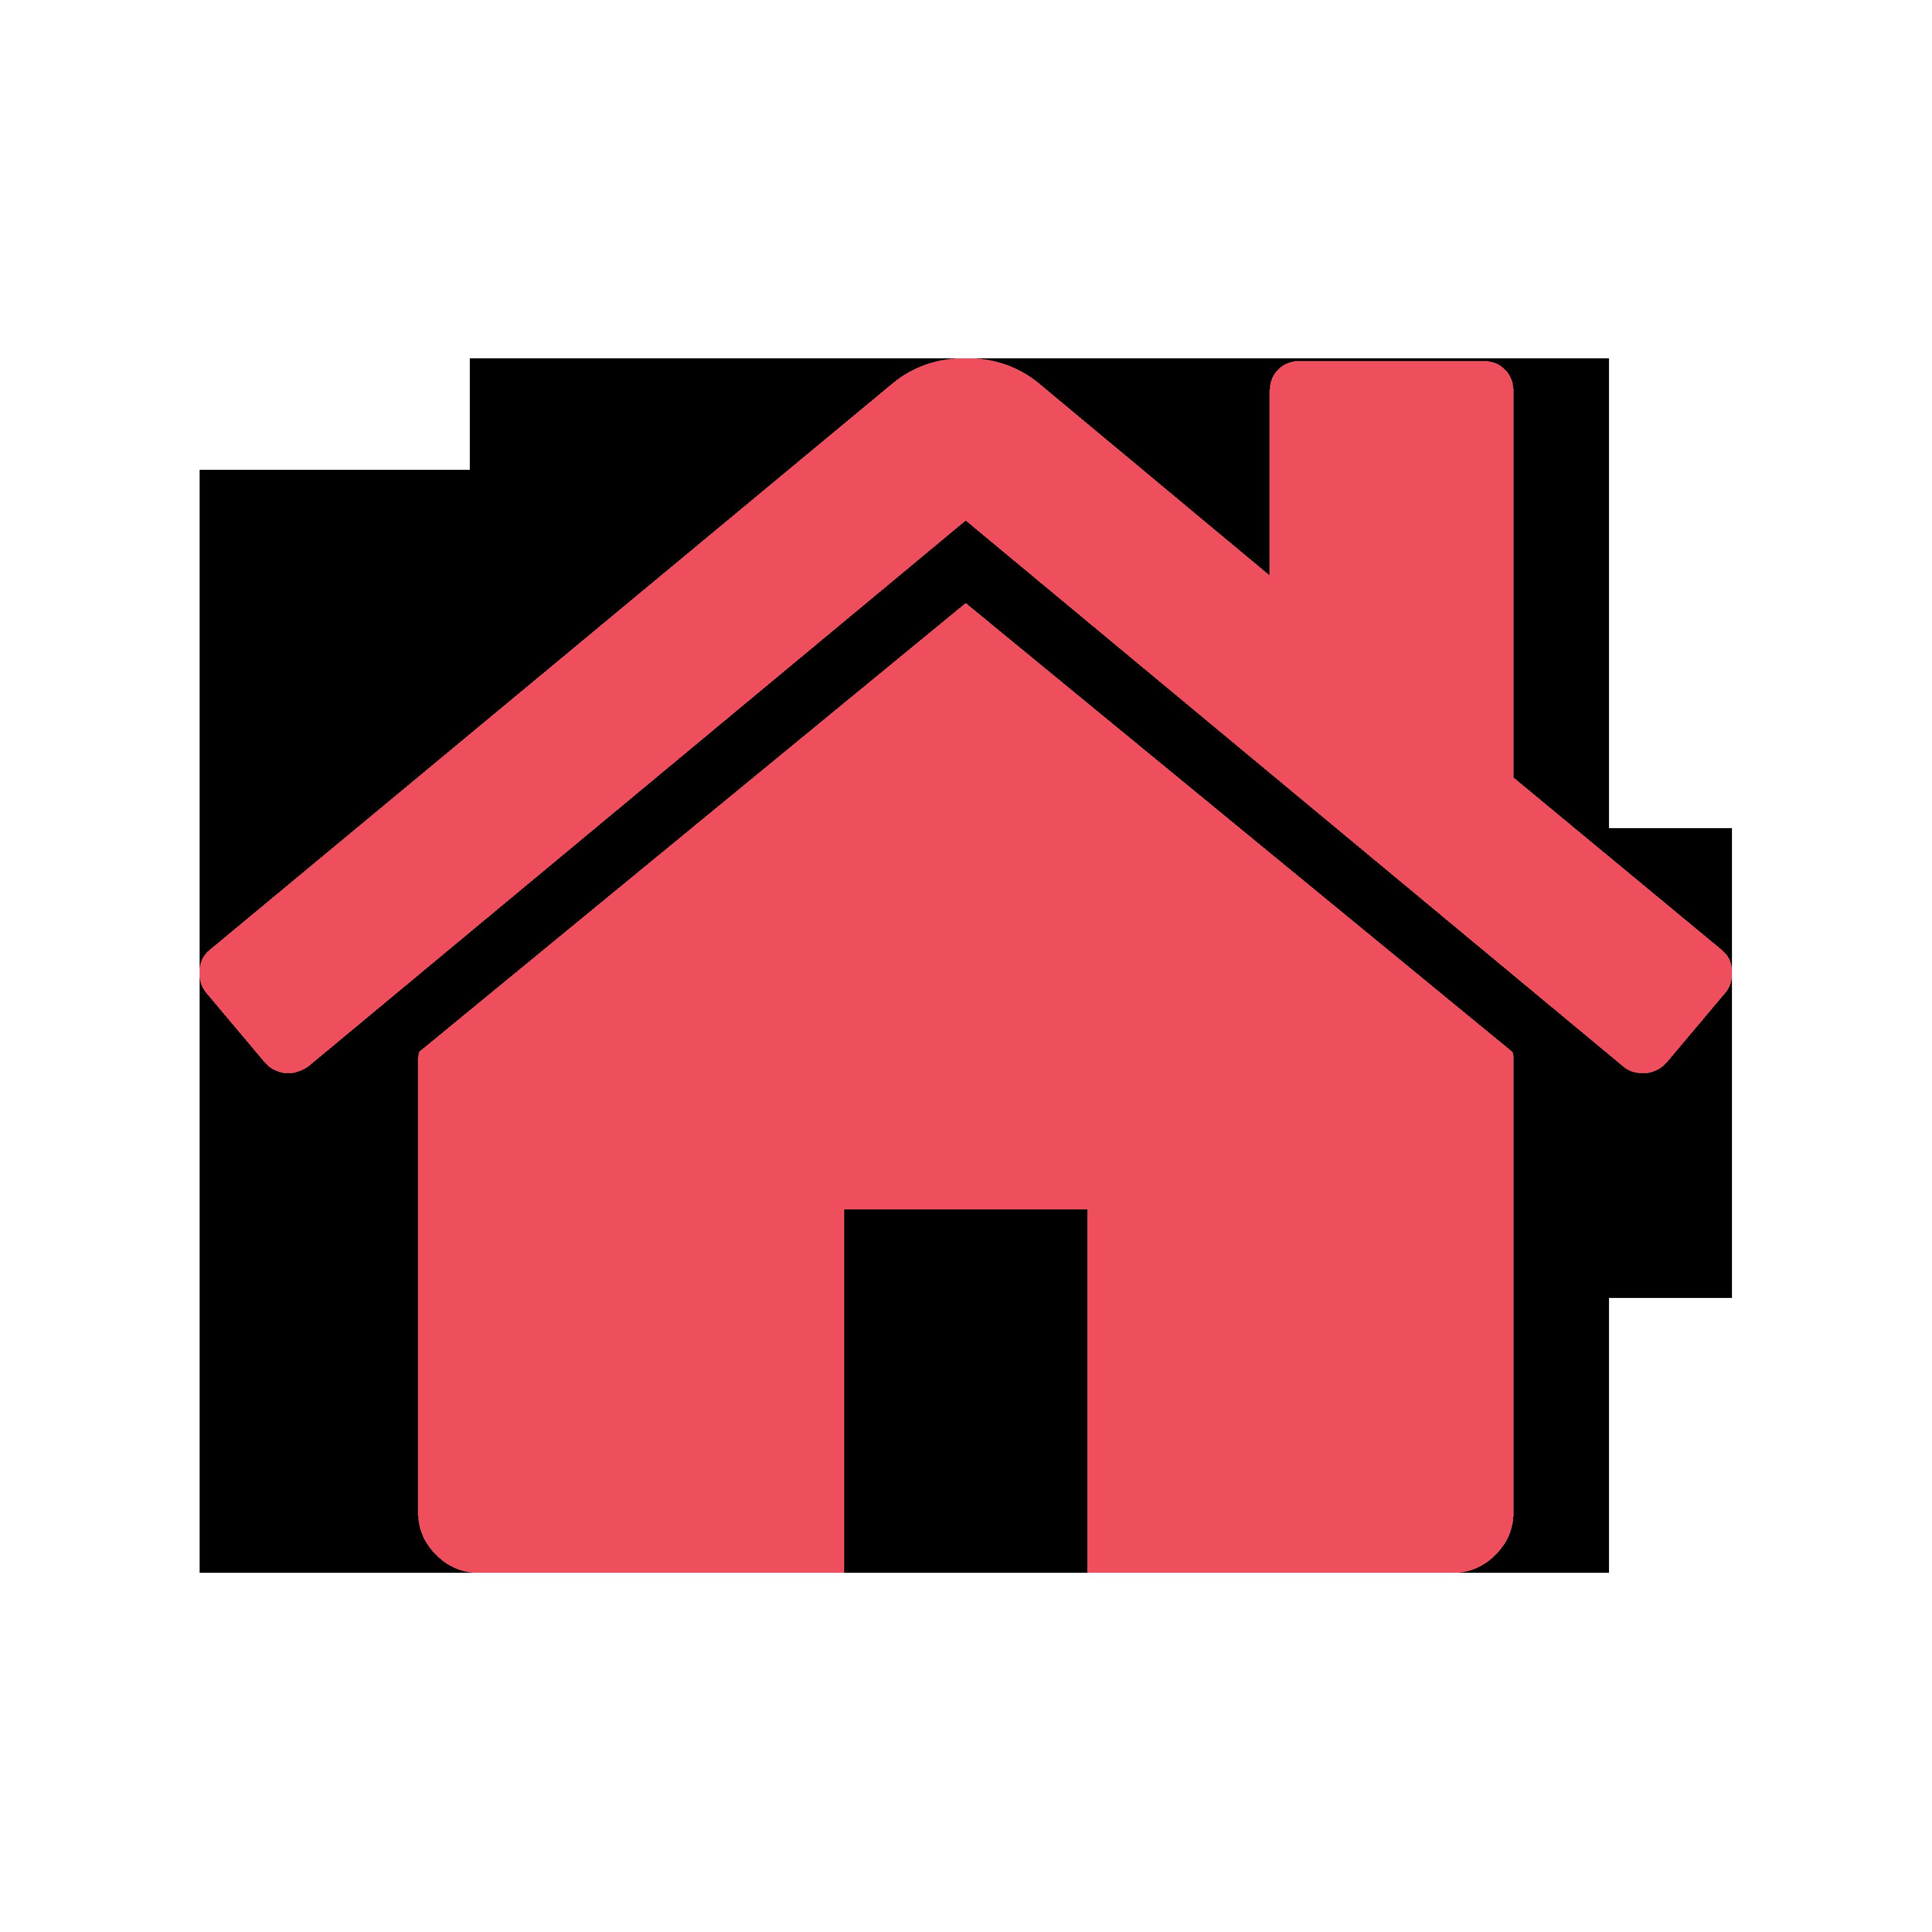 hogar-icon1